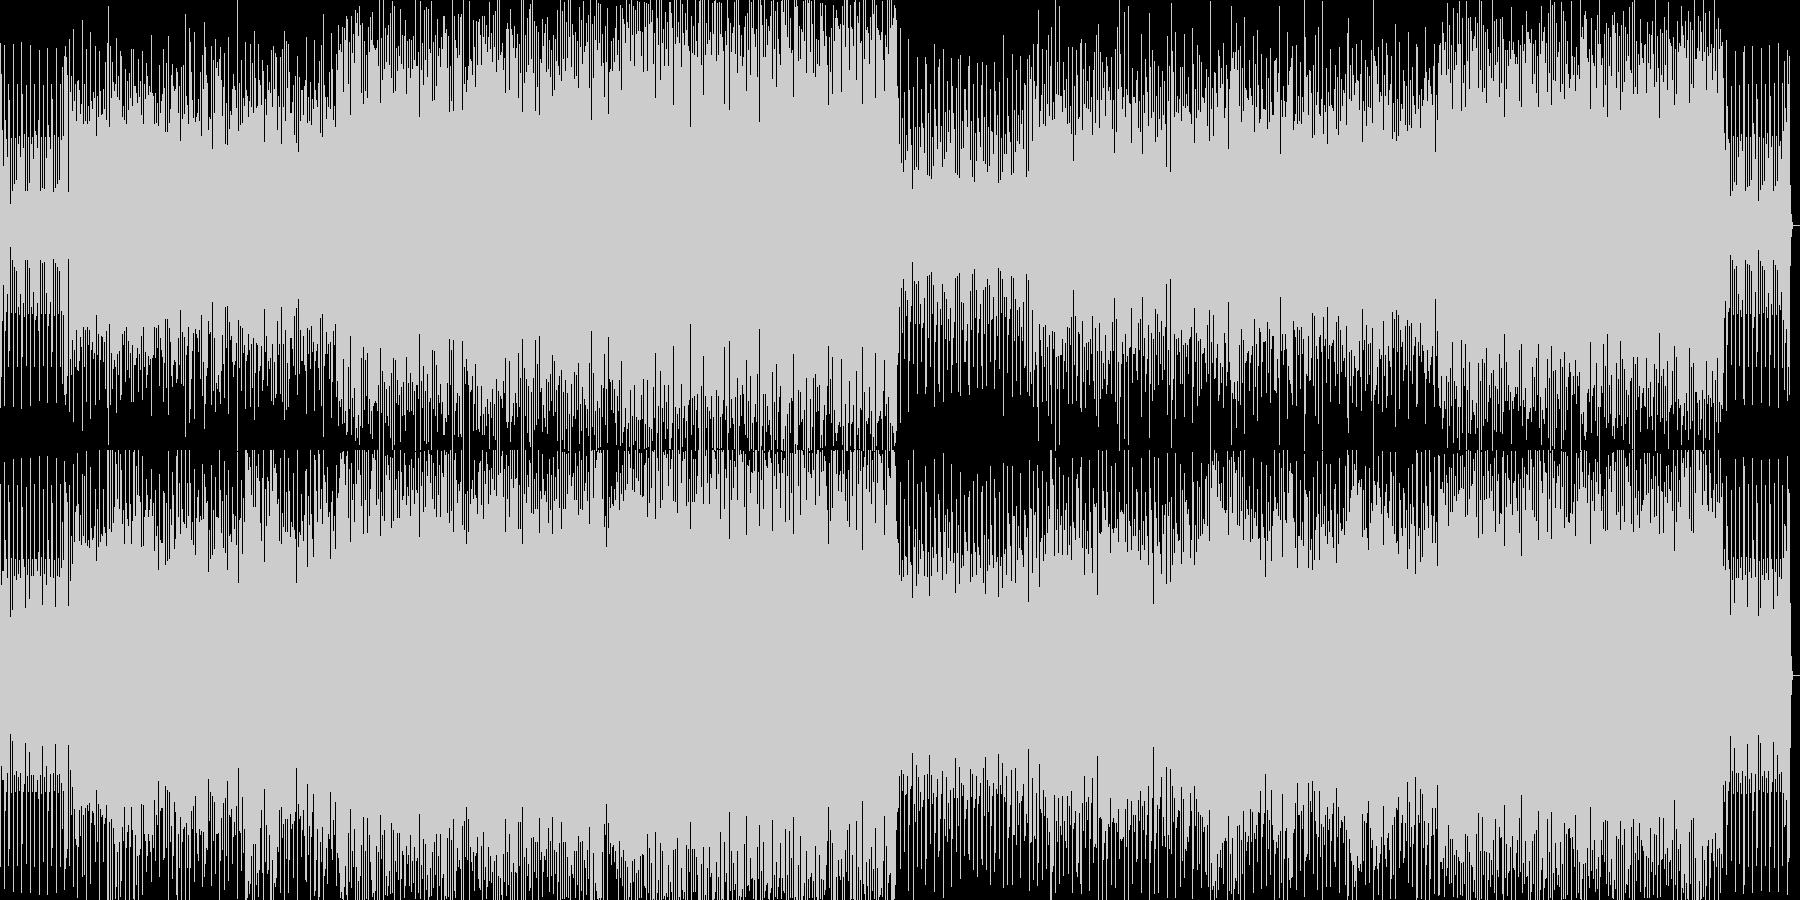 クリスマスをテーマにした軽快なBGMですの未再生の波形